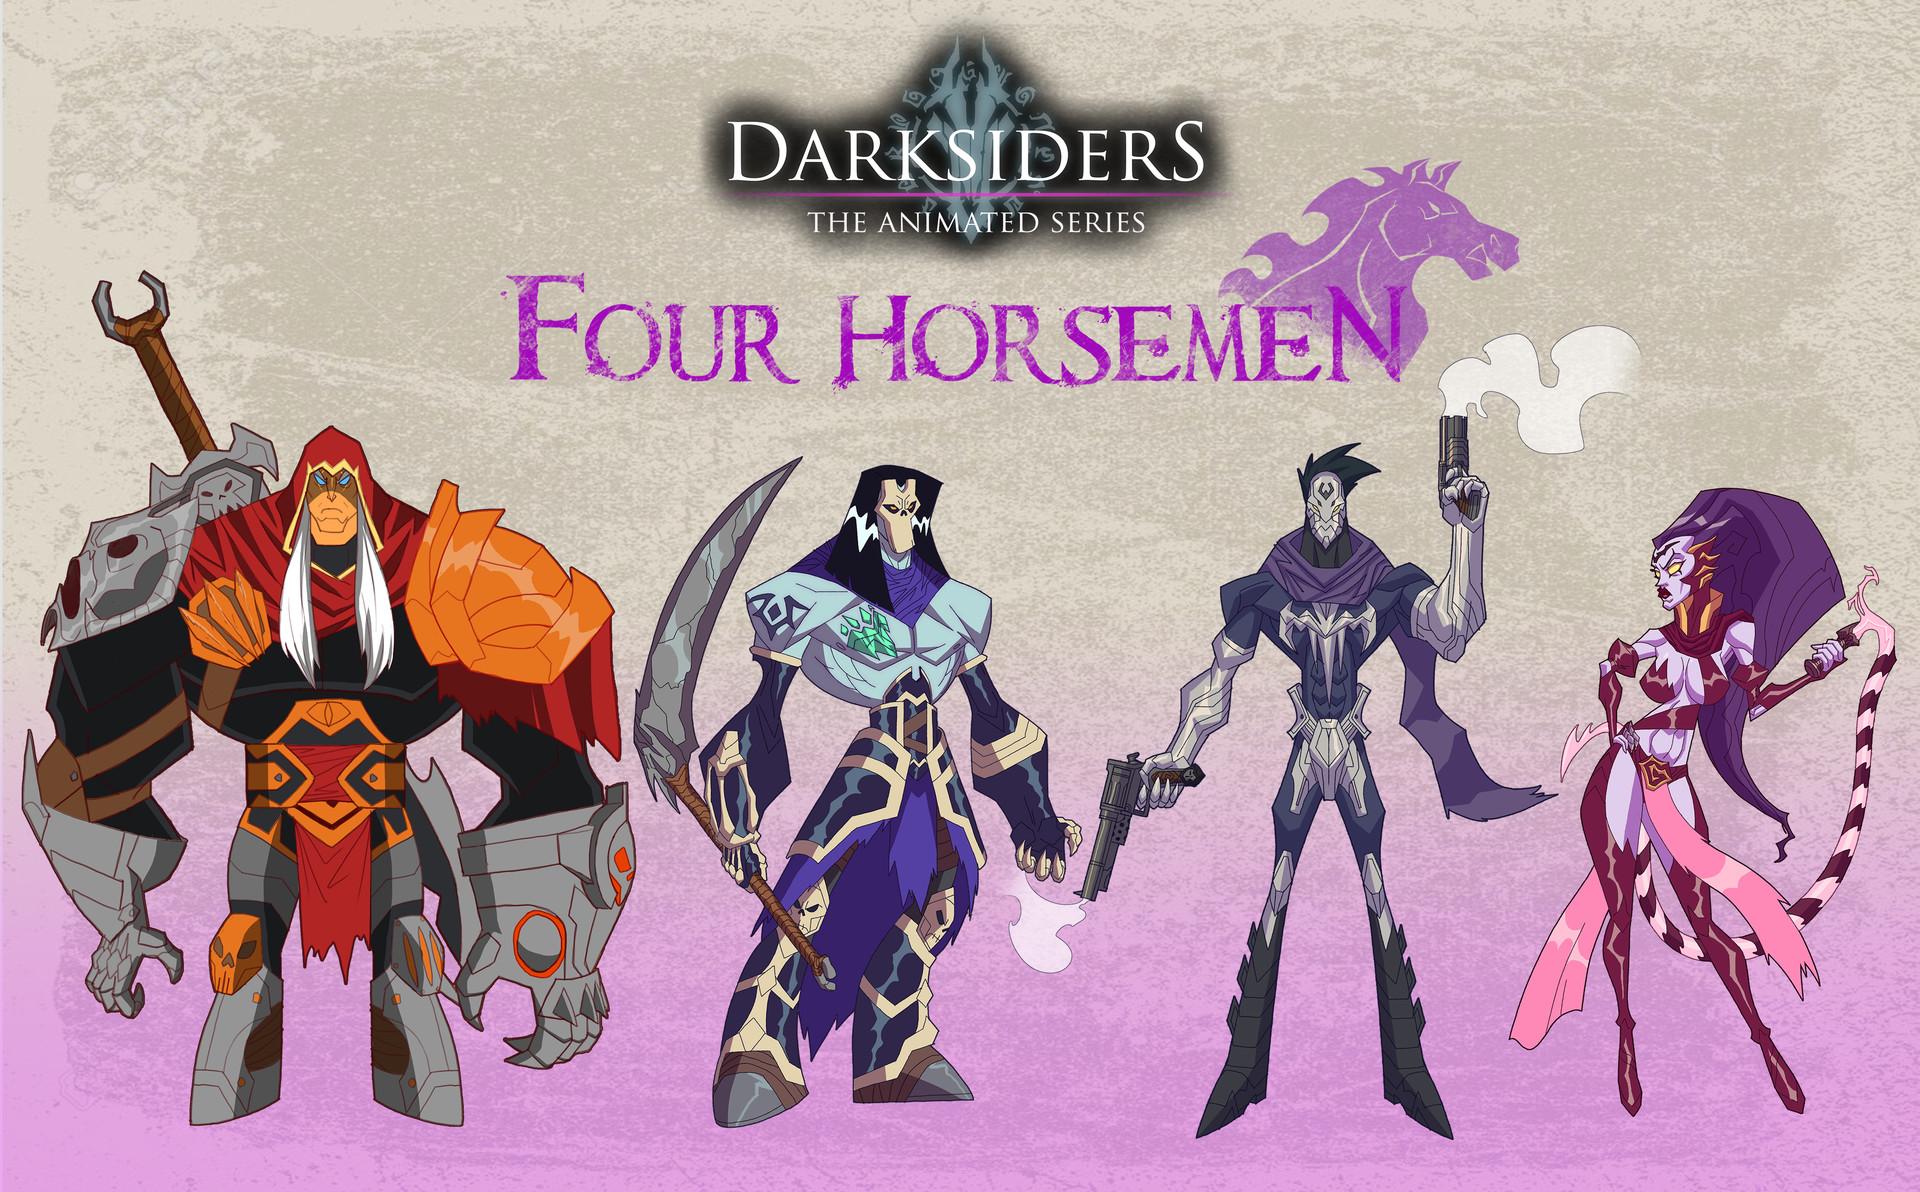 ArtStation - Darksiders Four Horsemen Line Up, Timothy De Guzman